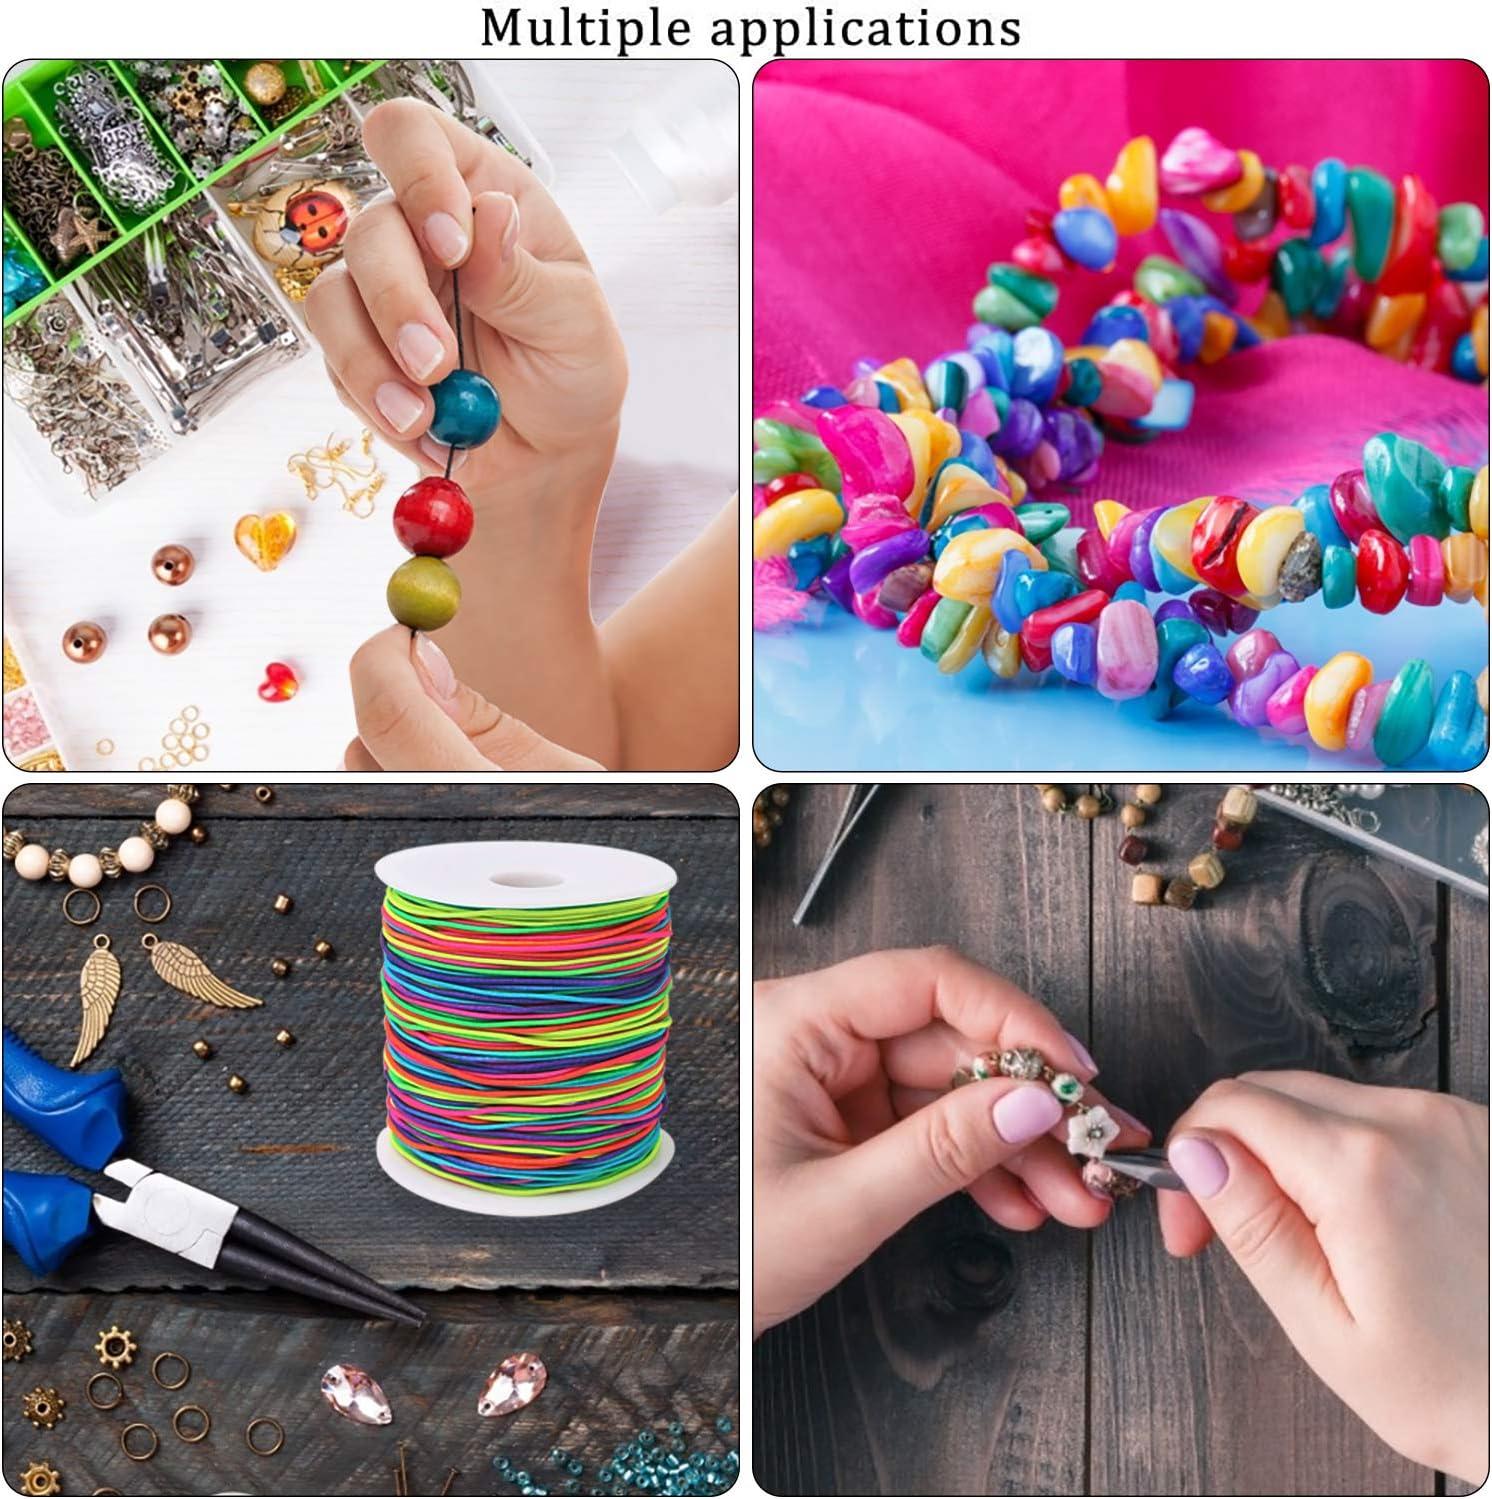 joyas hilos el/ásticos para abalorios manualidades, varios colores blanco y negro y arco iris, 100 m//rollo VEYLIN 3 rollos de cordones el/ásticos de 1 mm